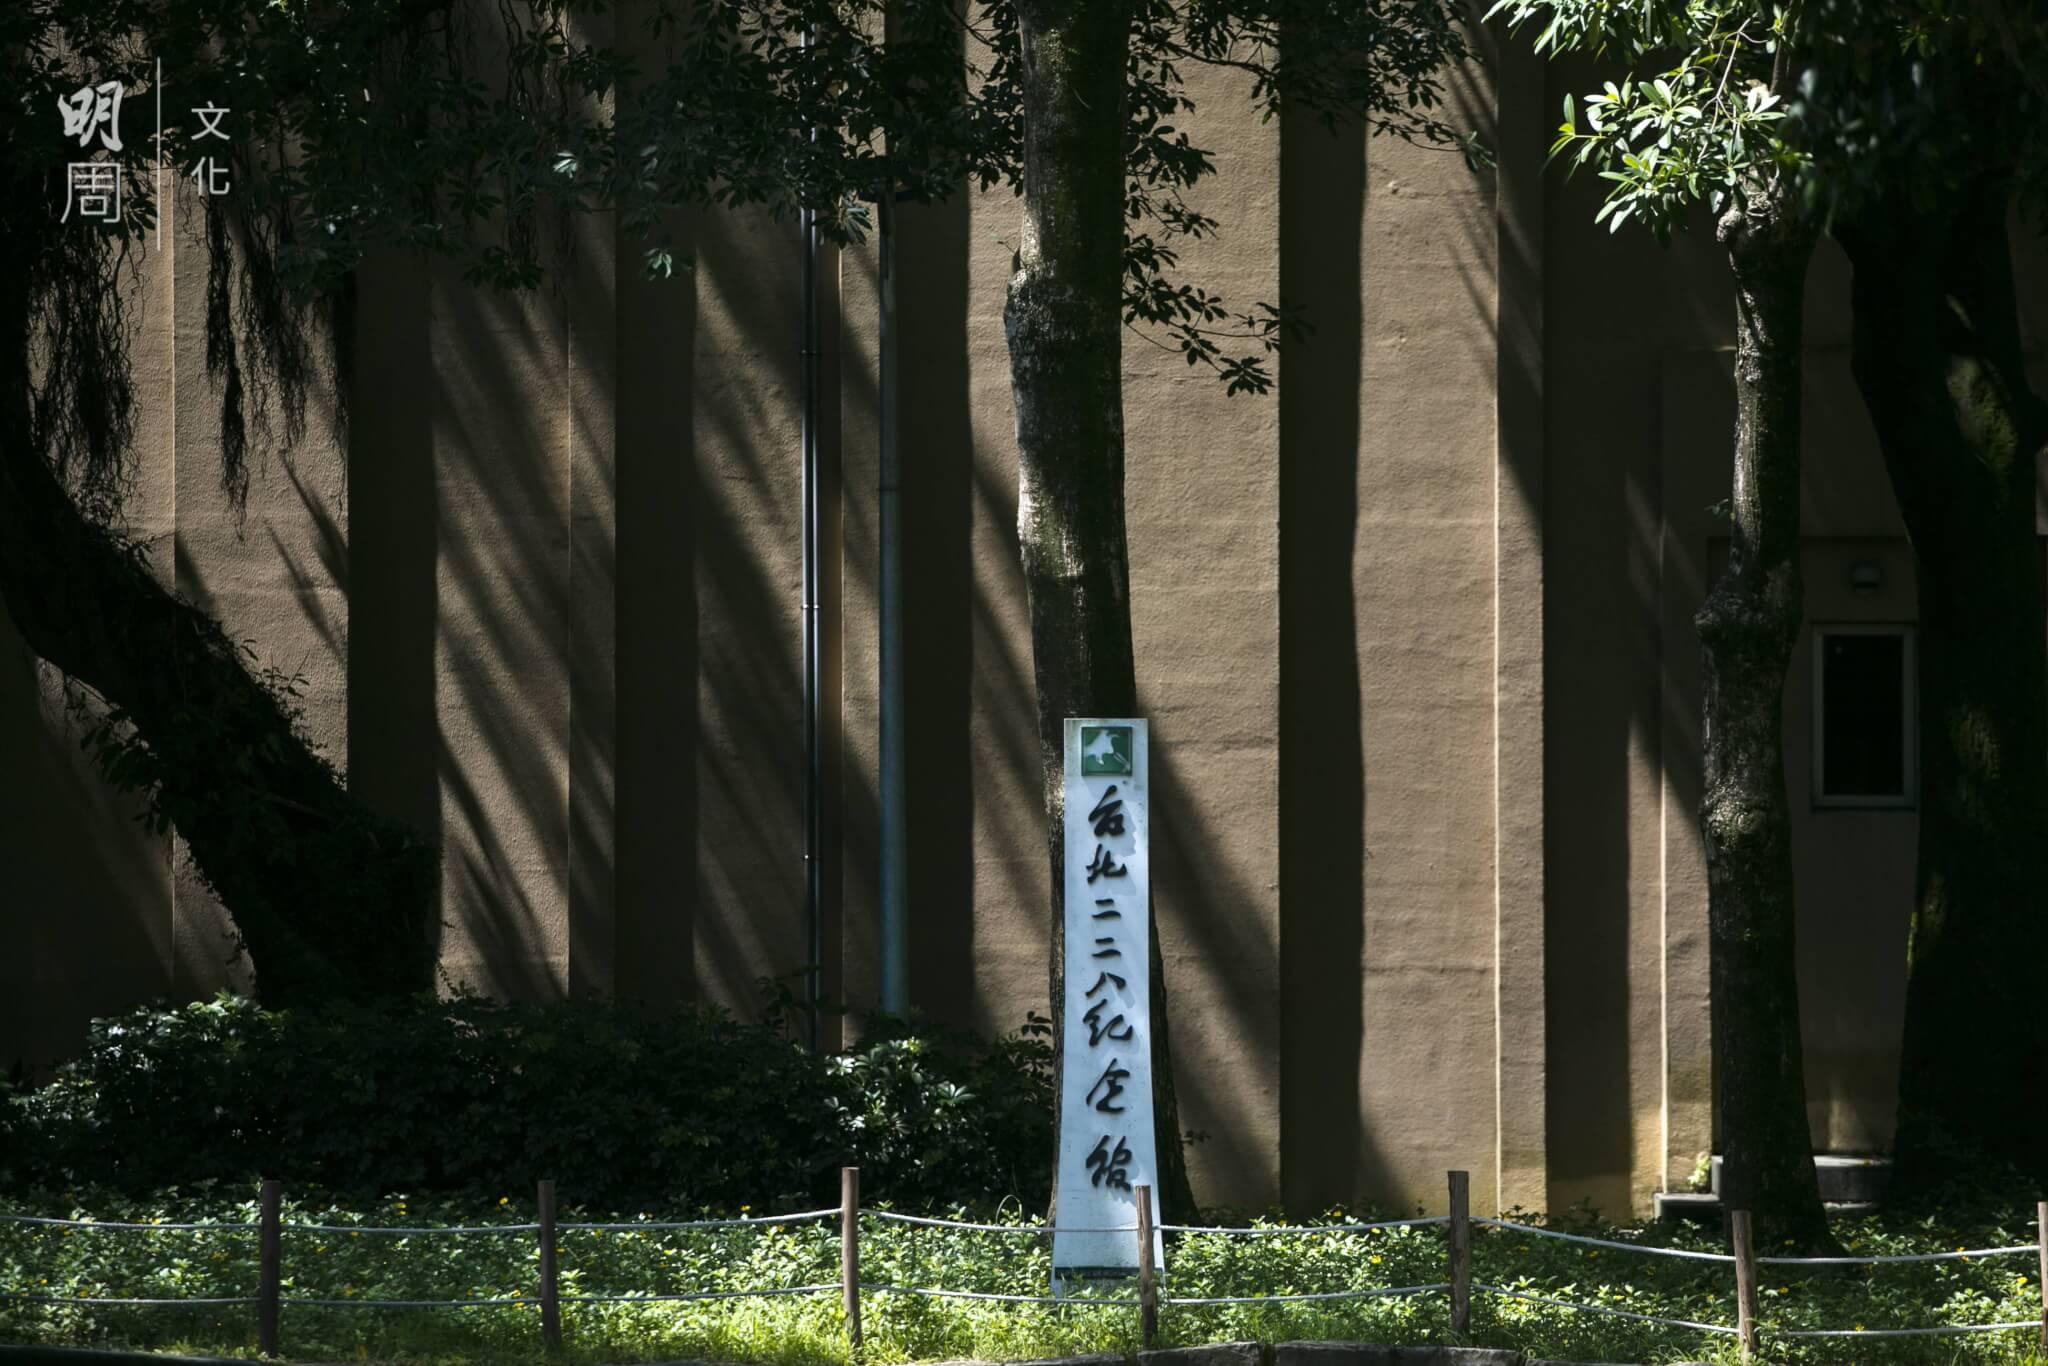 1947年,台灣發生「二二八事件」,民眾與中華民國國民政府激烈對抗,造成大量民眾傷亡。這段慘案在戒嚴時期一直是禁忌話題,解嚴後終可自由談論。1997年2月28日,台北二二八紀念館正式成立,嘗試藉着紀念和反思歷史悲劇,促進族群社會的共榮共和。